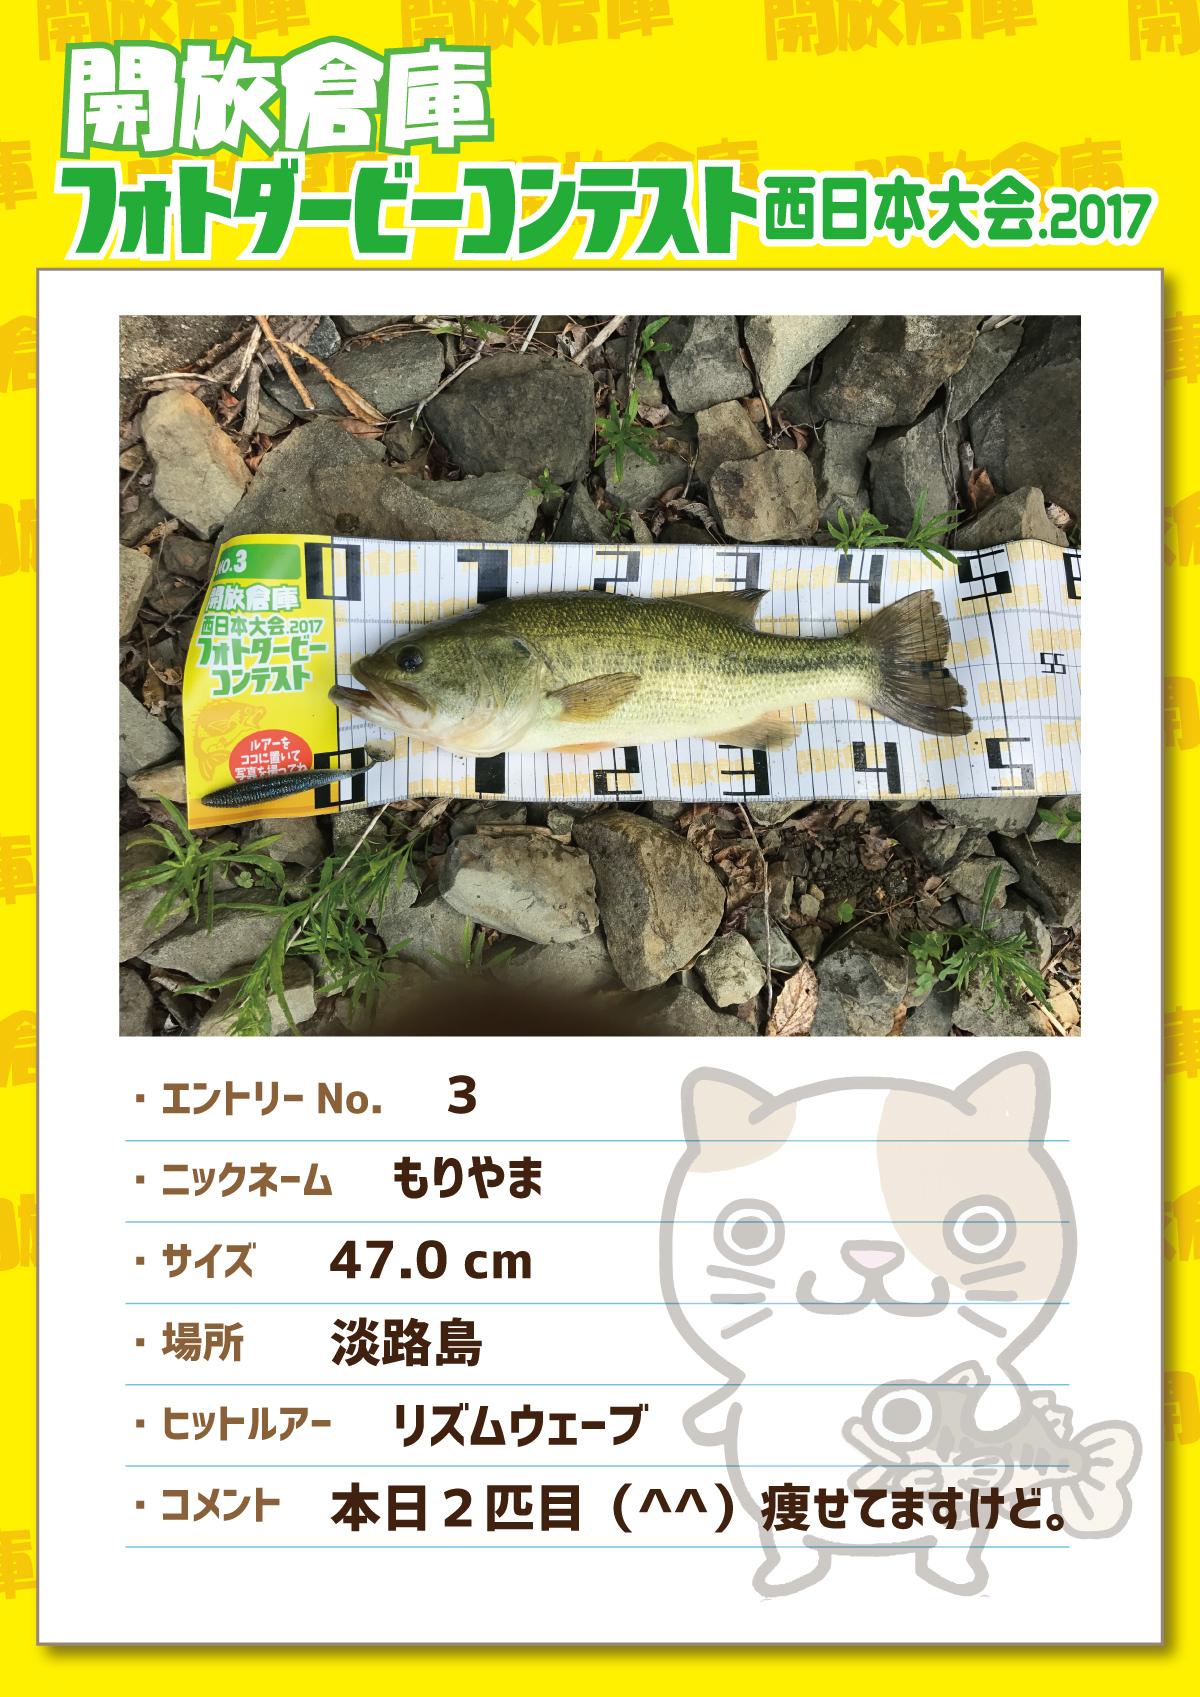 No.3 もりやま 47.0cm 淡路島 リズムウェーブ 本日2匹目(^^)痩せてますけど。